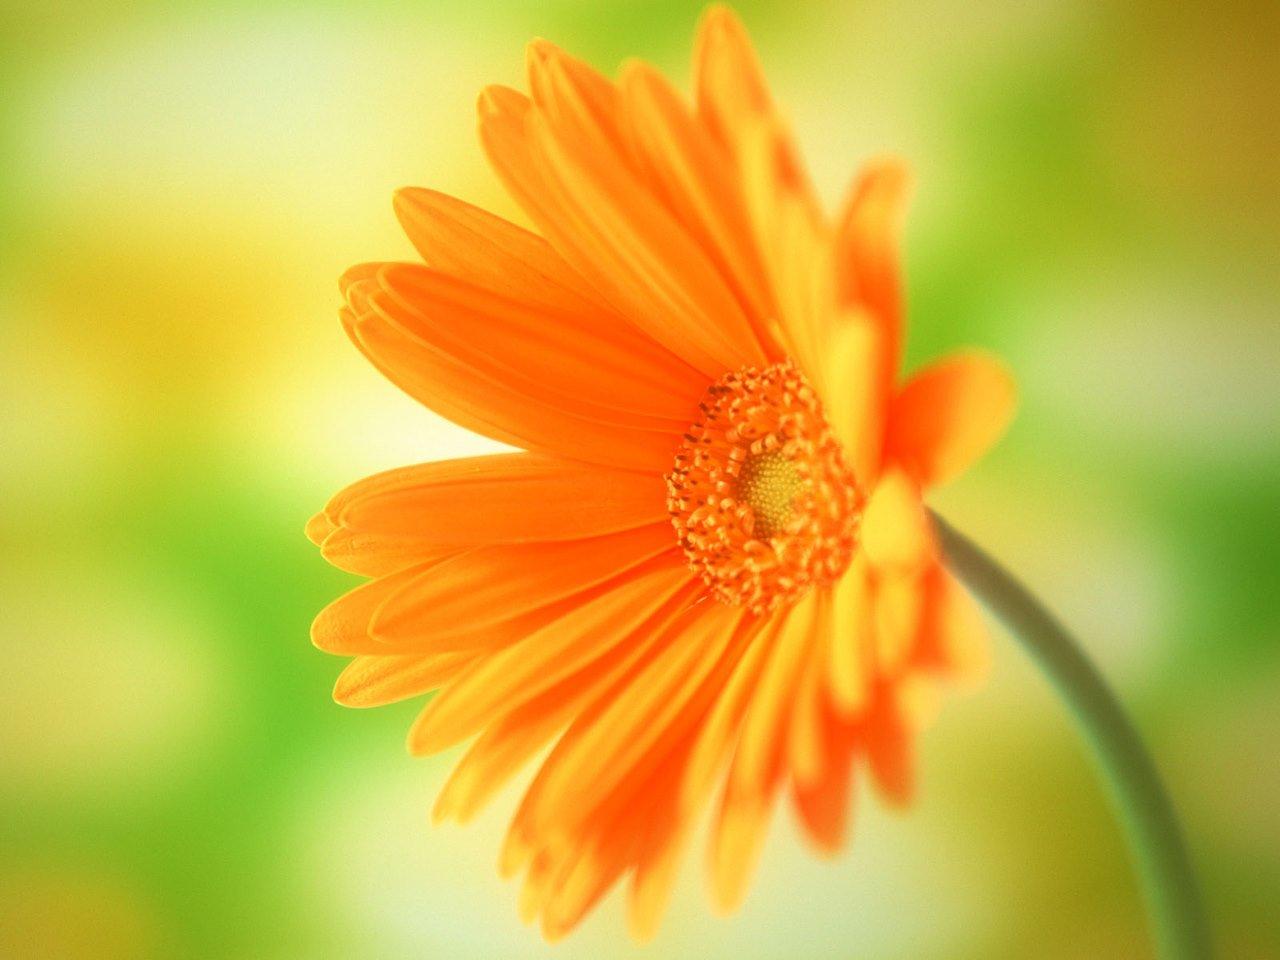 flowers for flower lovers Daisy flowers HD desktop wallpapers 1280x960